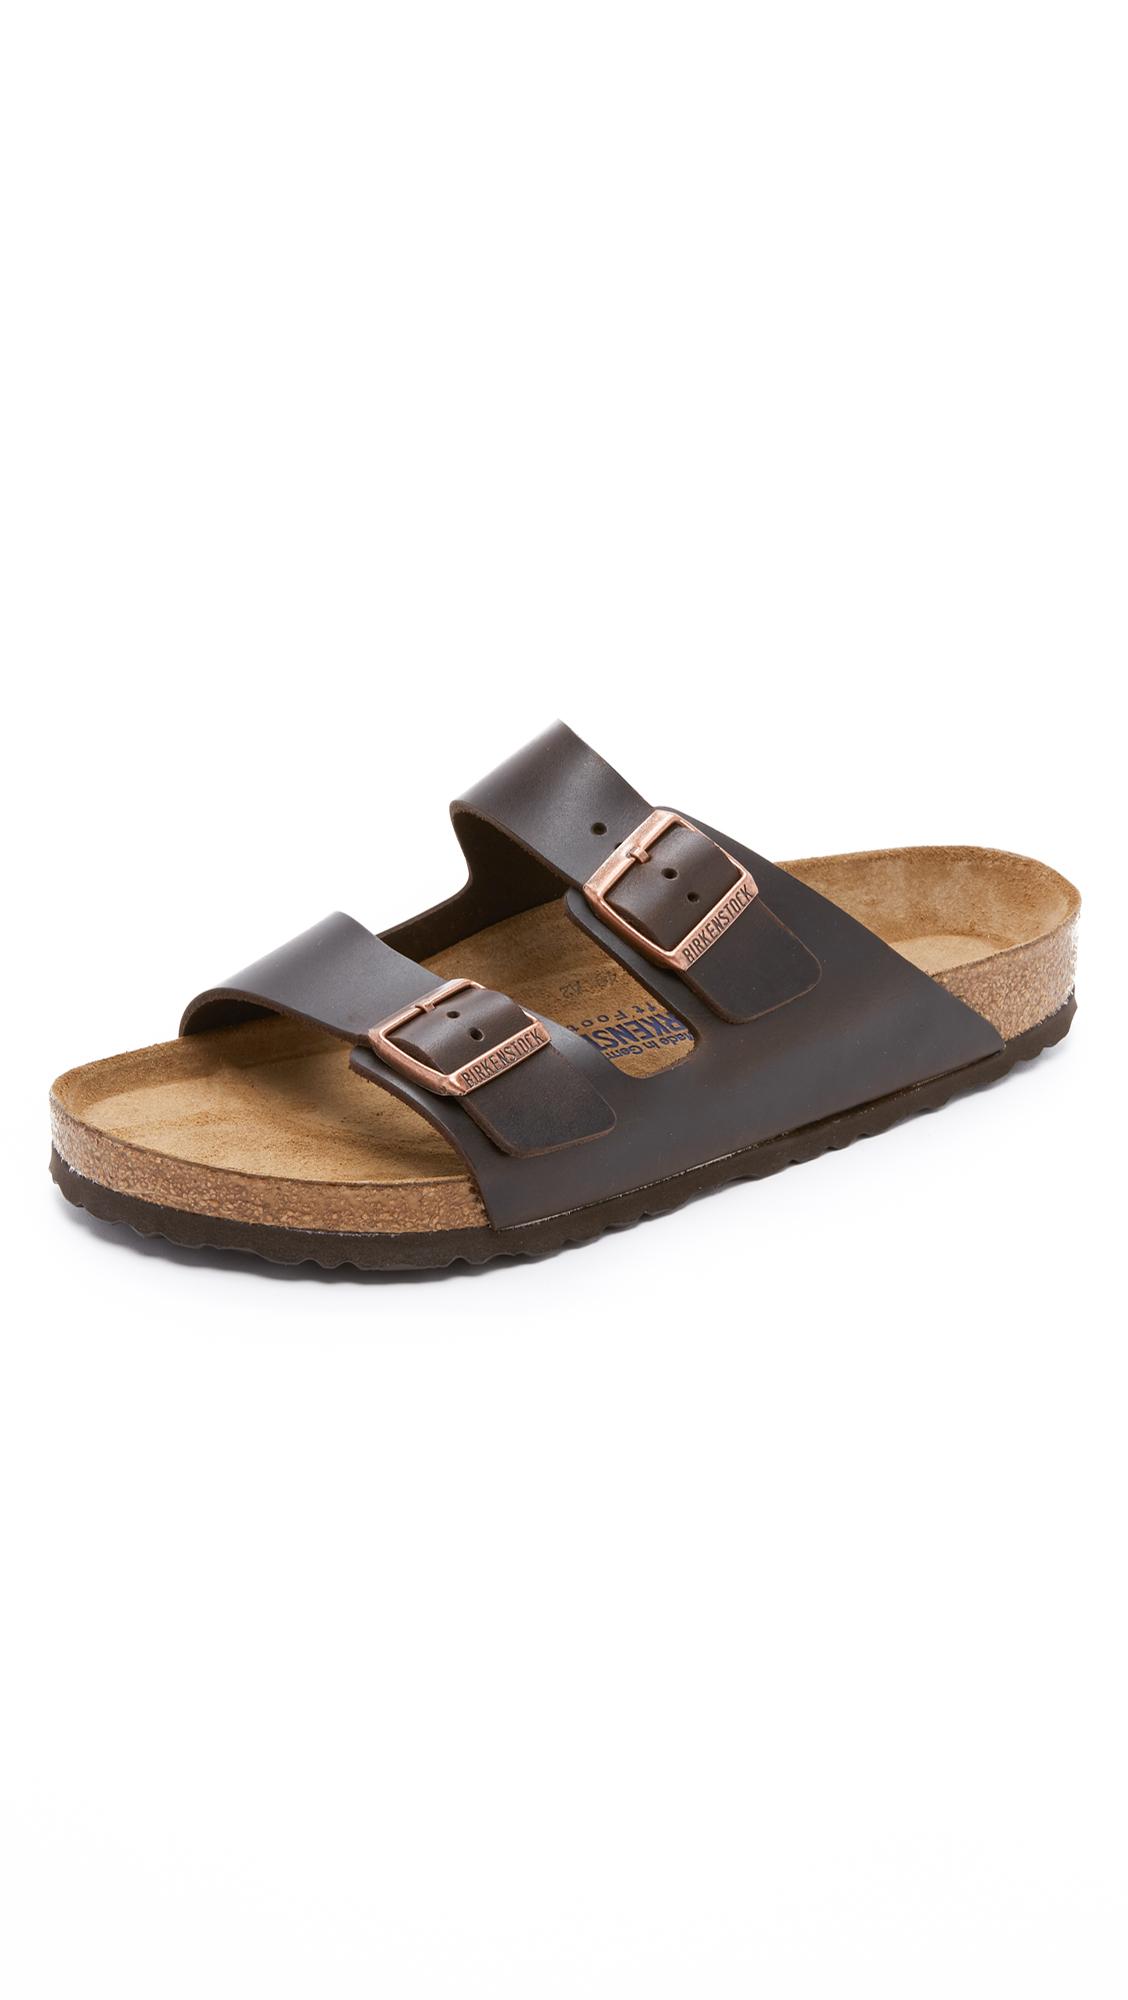 BIRKENSTOCK Men'S Arizona Leather Sandals Men'S Shoes in Brown